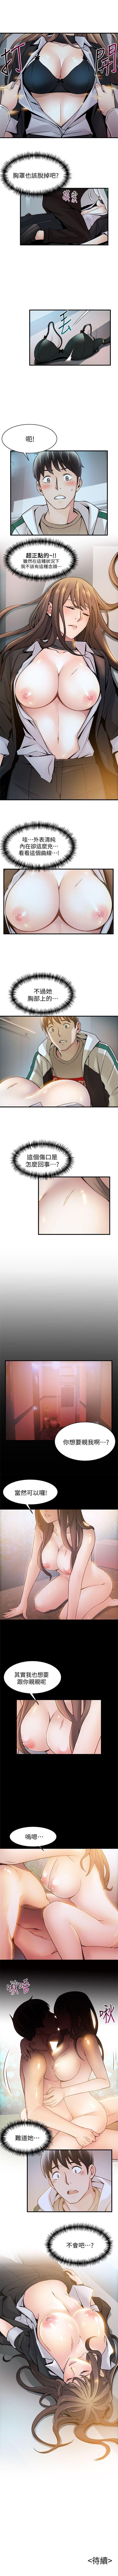 弱點 1-101 官方中文(連載中) 70